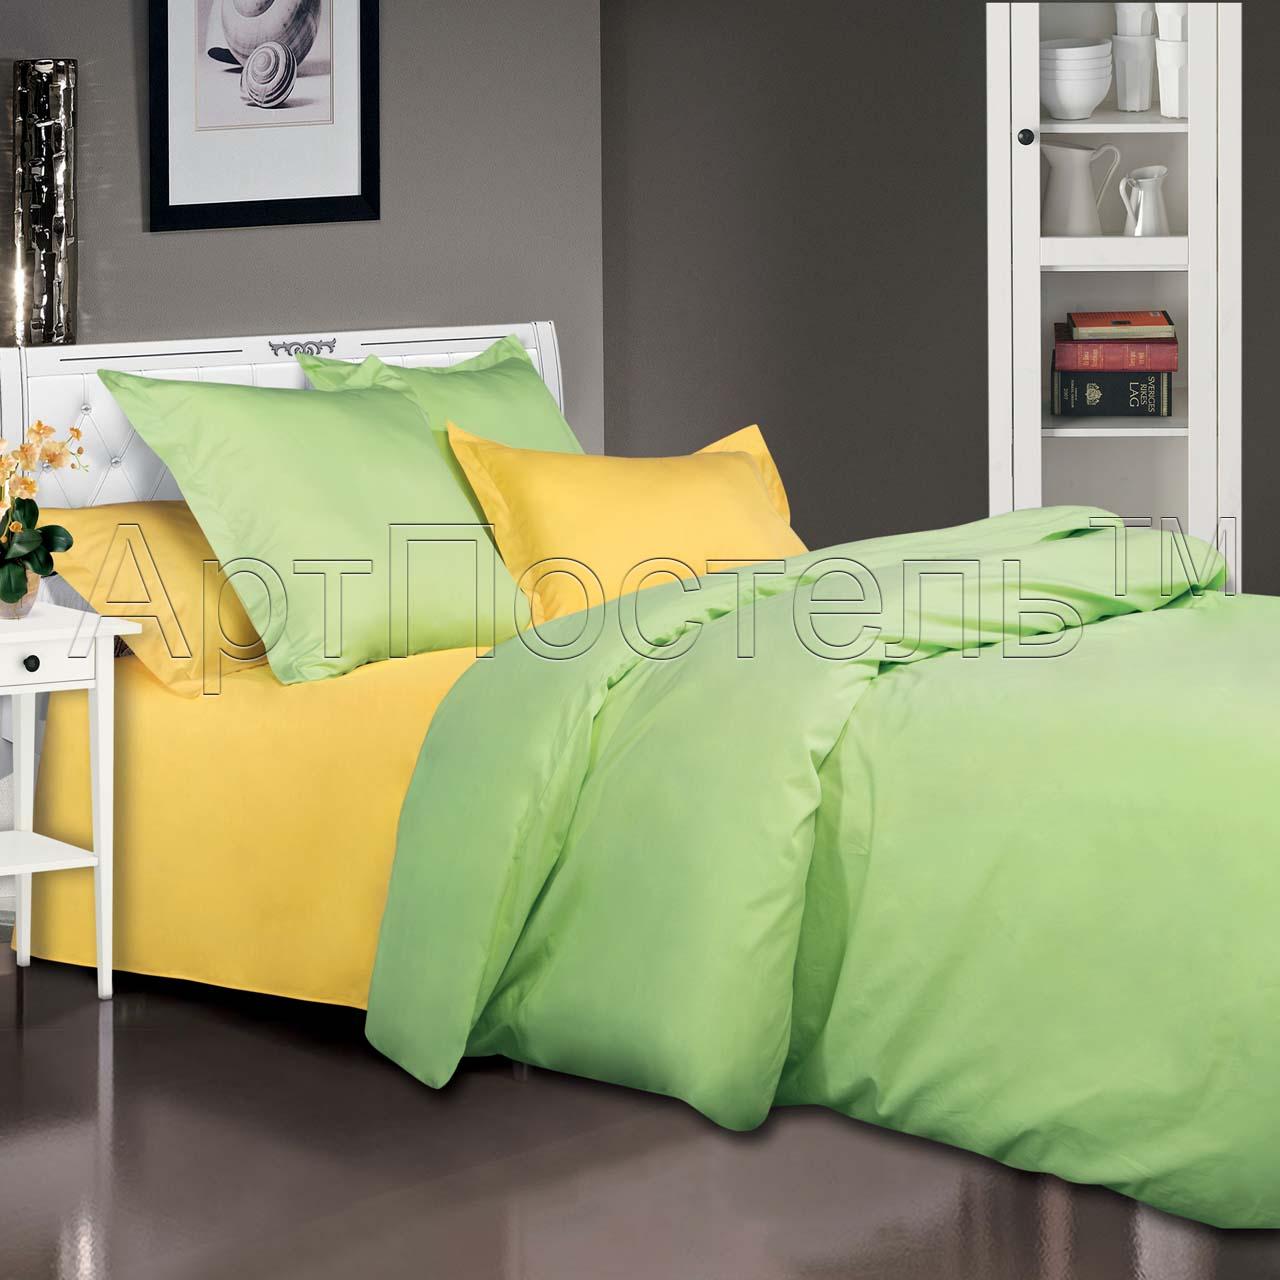 Комплект постельного белья Лайм из сатинаСатин<br><br><br>Размер: 1.5сп. (4 нав): 70x70 (2 шт) и 50х70 (2 шт)